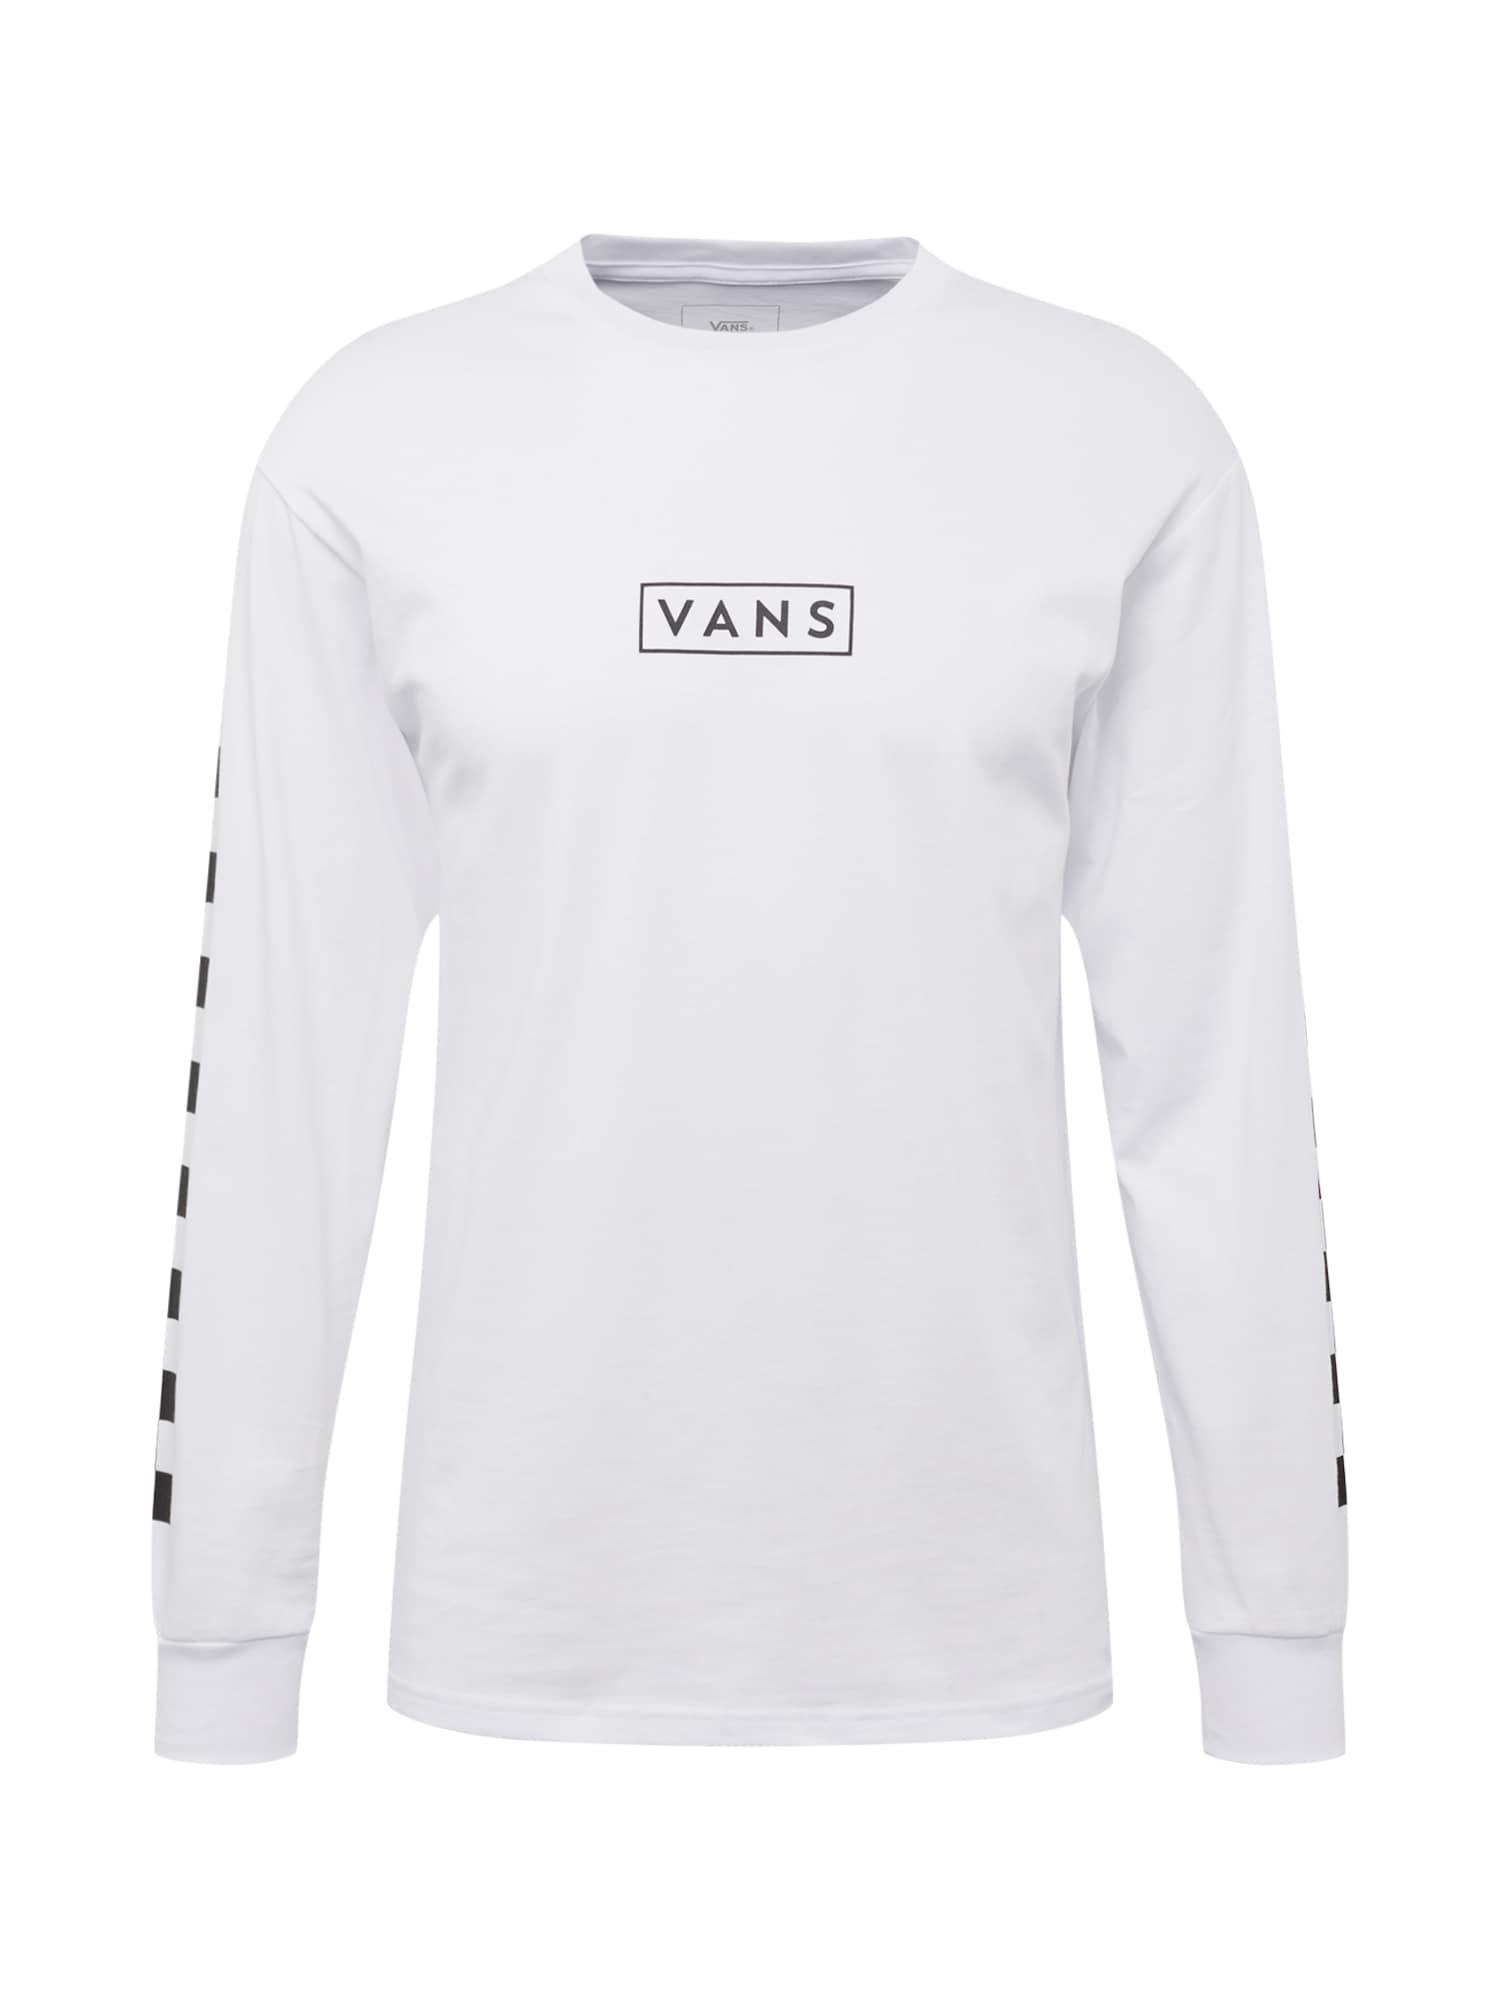 Tričko EASY BOX CHECKER LS černá bílá VANS